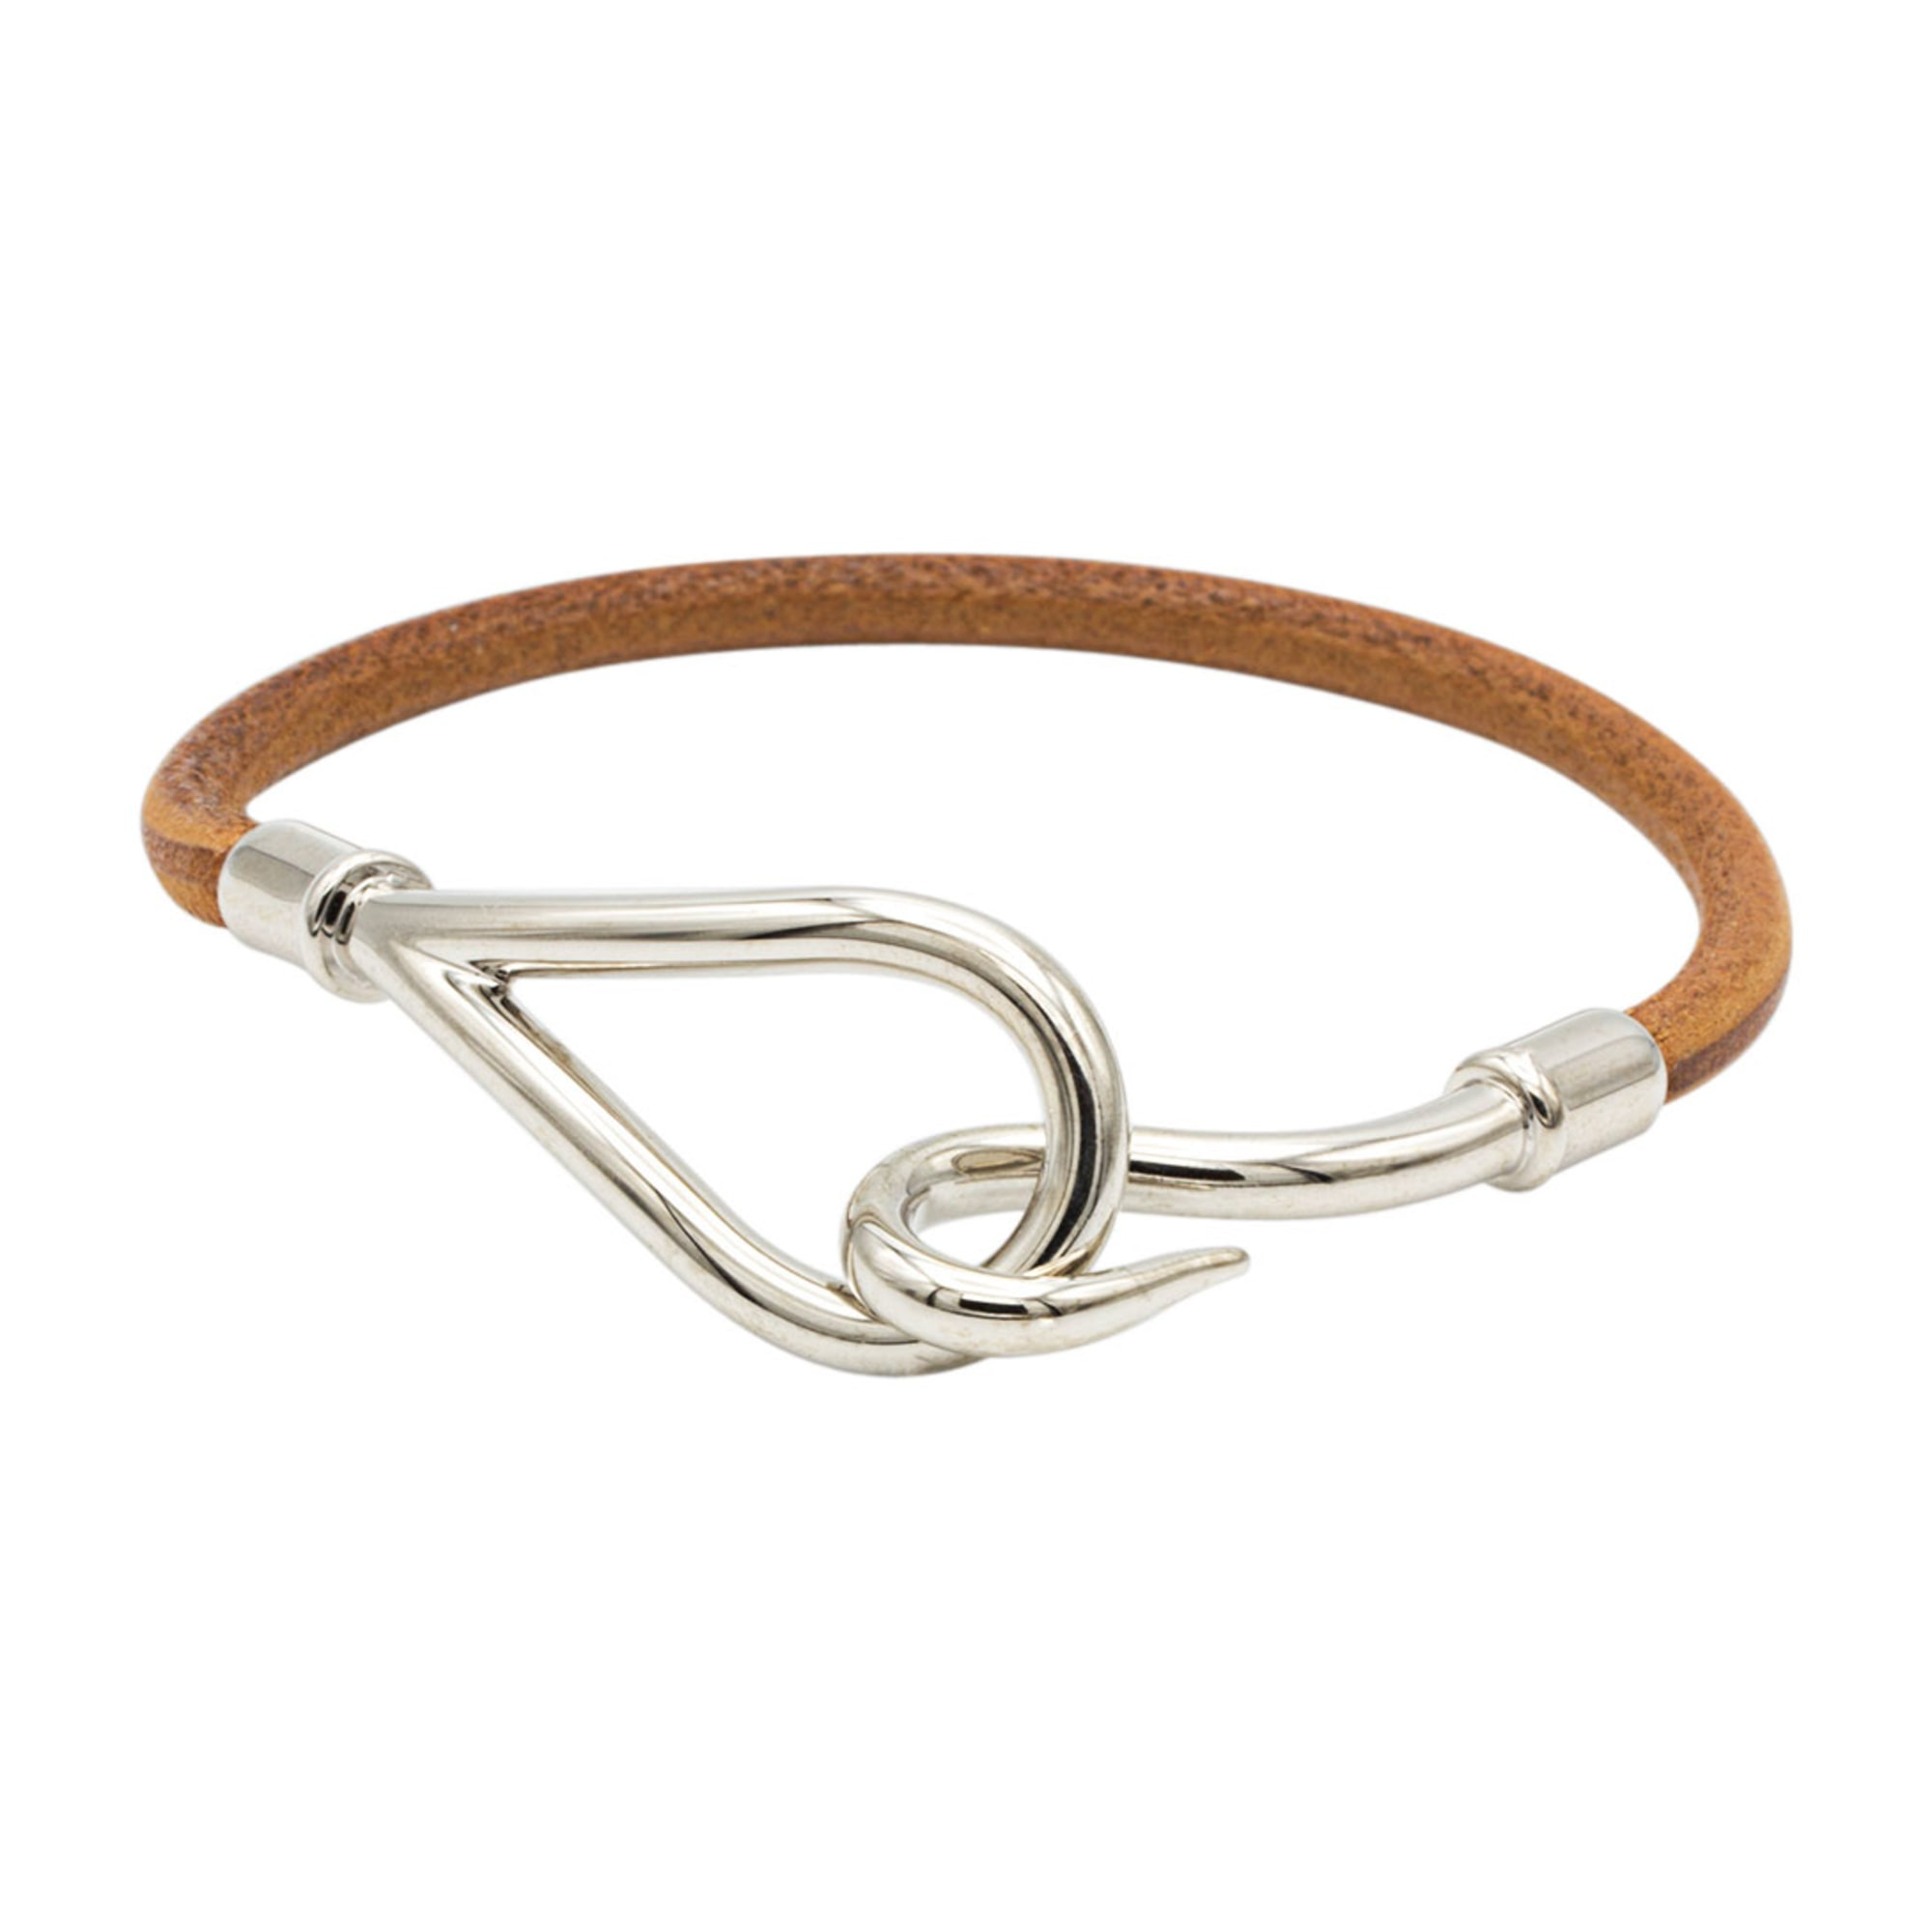 052938ac324b Bracelet HERMÈS marron vendu par Luxe and em - 7486872